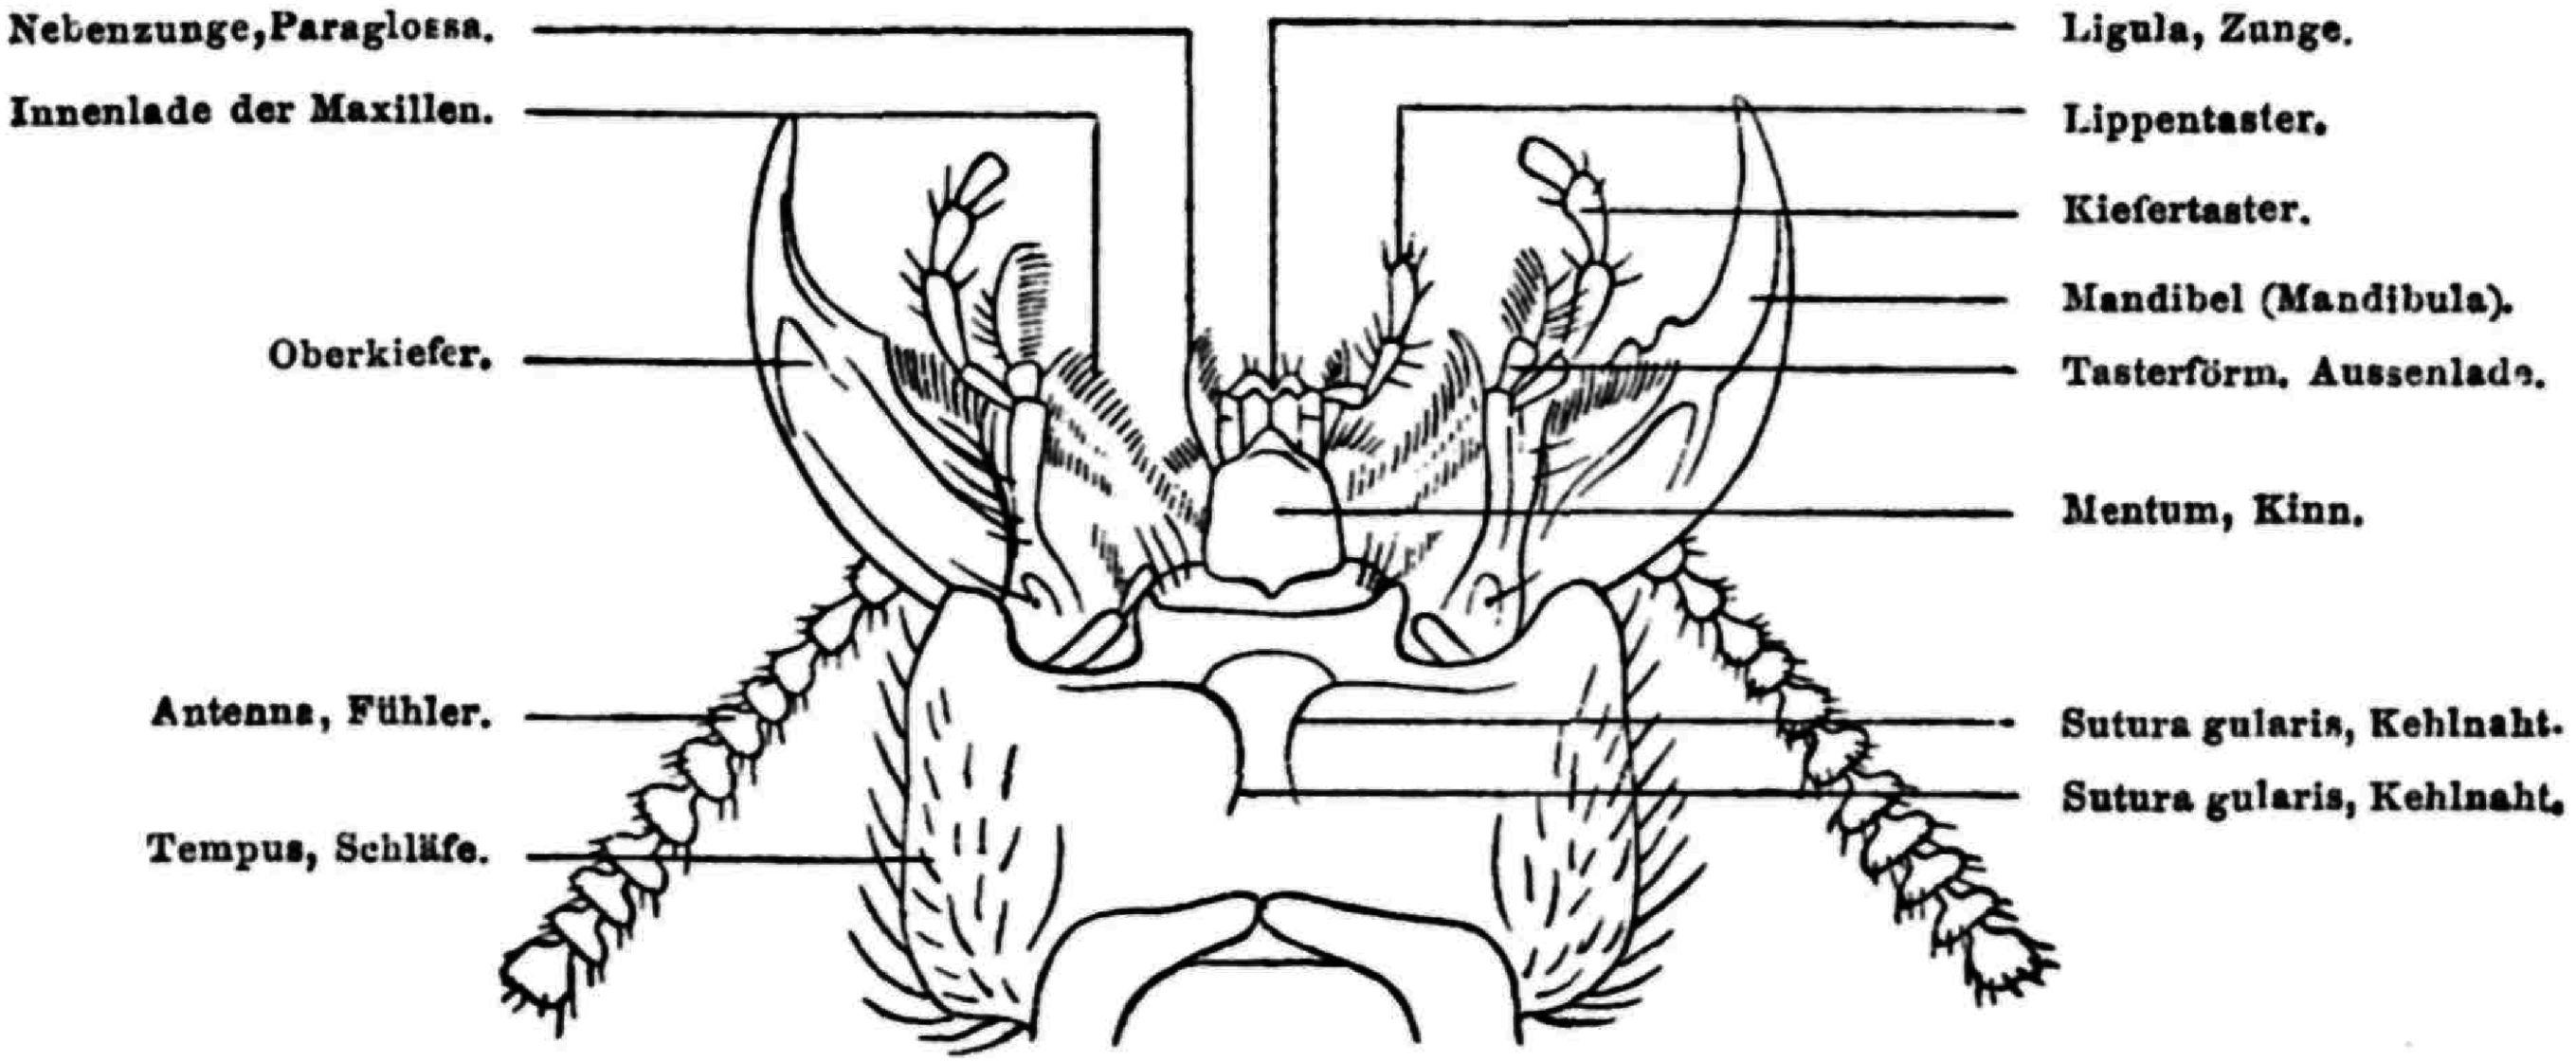 Wunderbar Anatomie Eines Käfers Ideen - Menschliche Anatomie Bilder ...